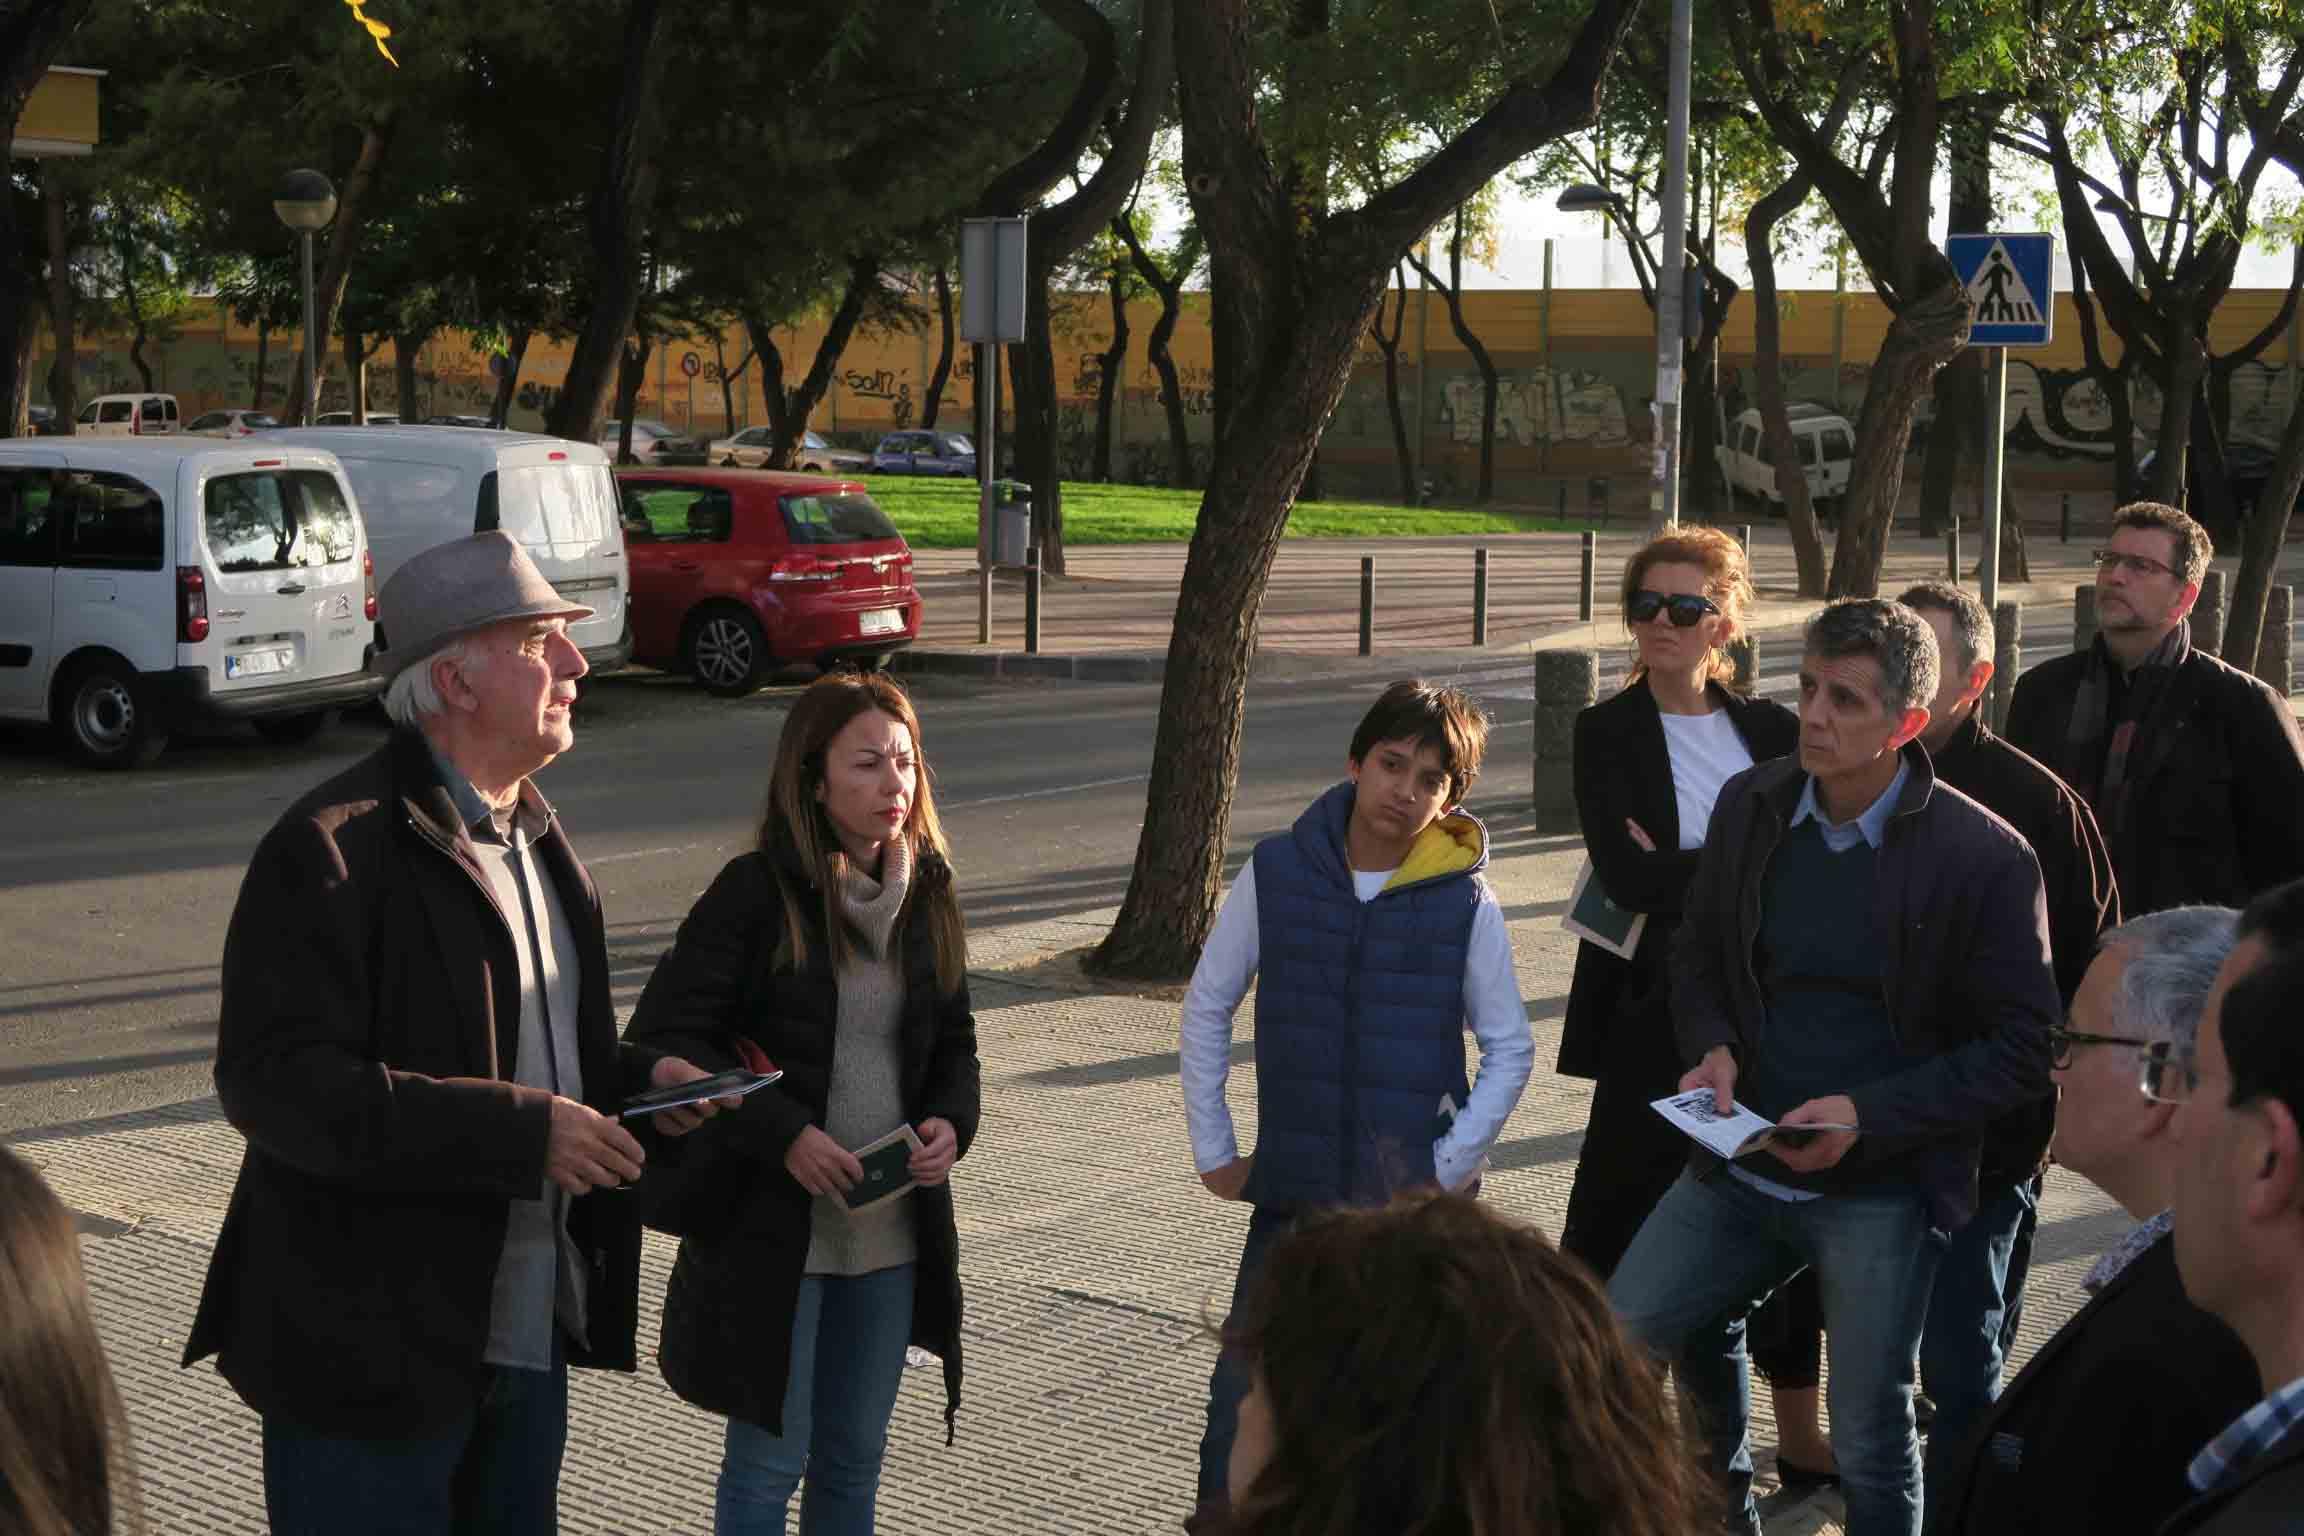 Un Paseo por la Calle de la acequia - Arquitectura de Barrio - Murcia